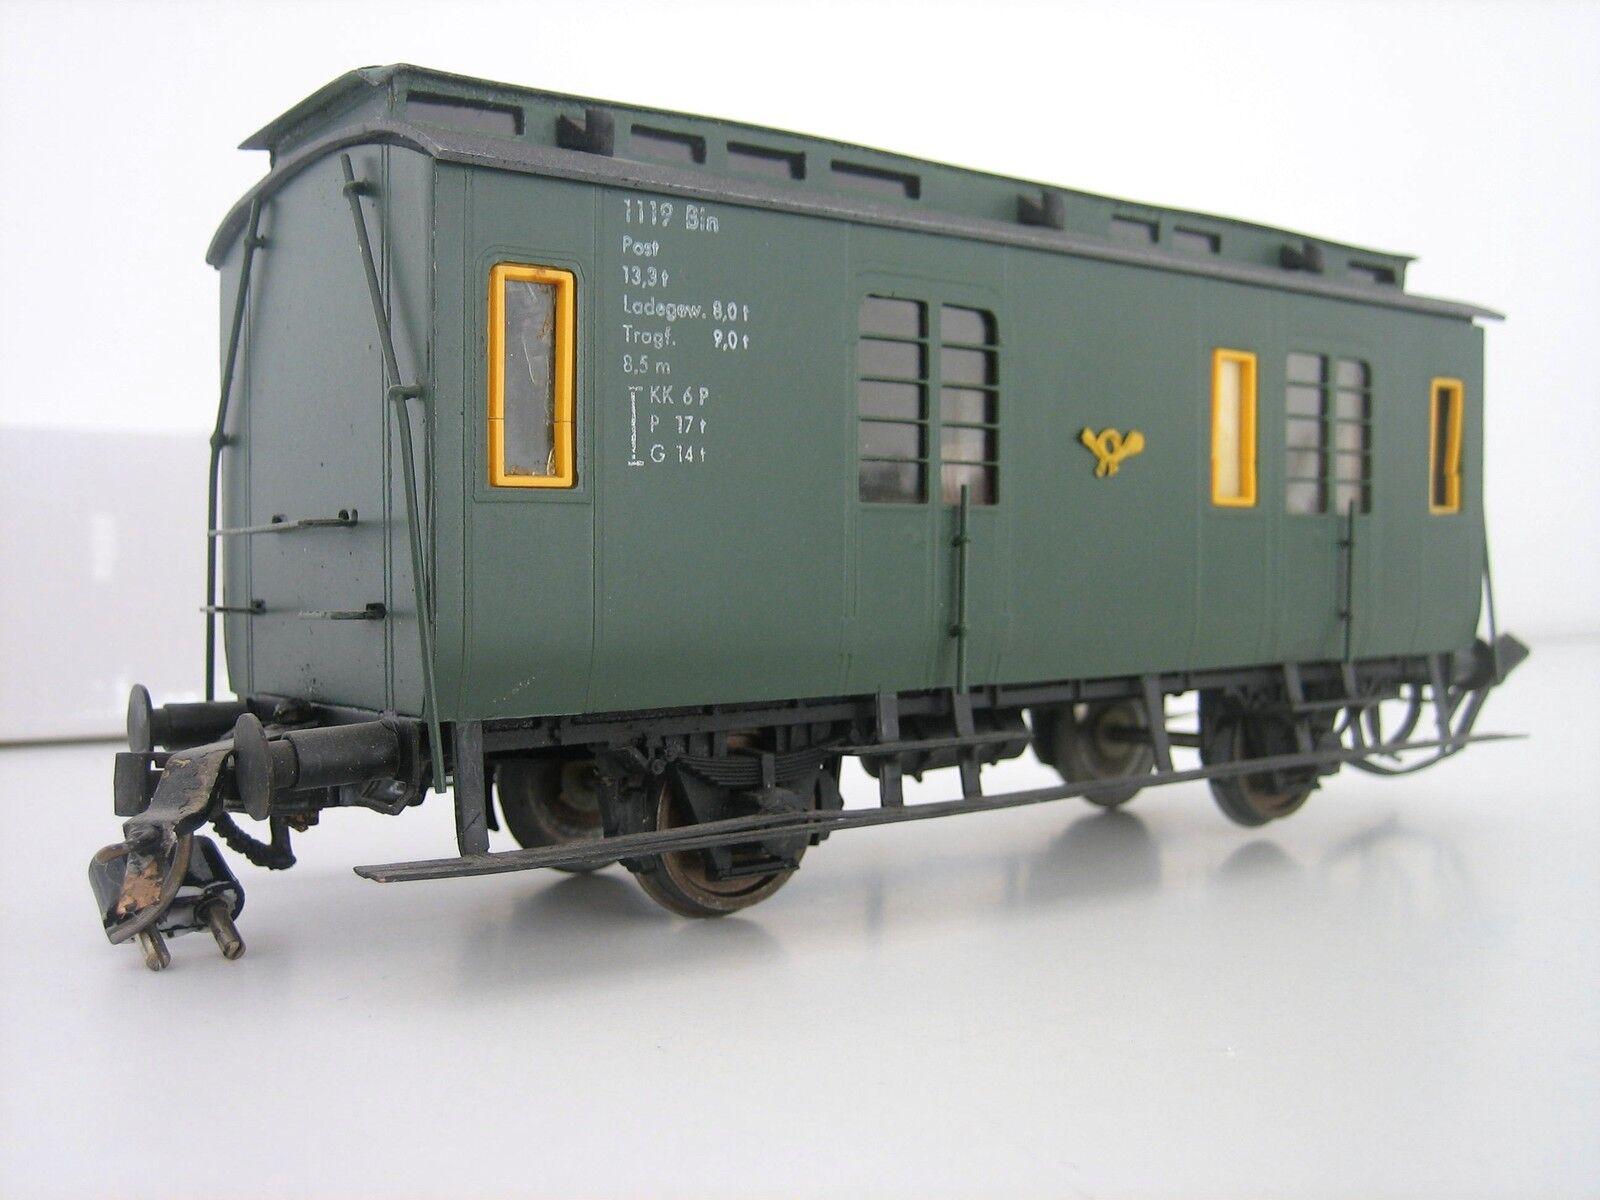 POSTA Vagone per Borsaagli 119 Bln Traccia 0 rarità versione metallica Hübner